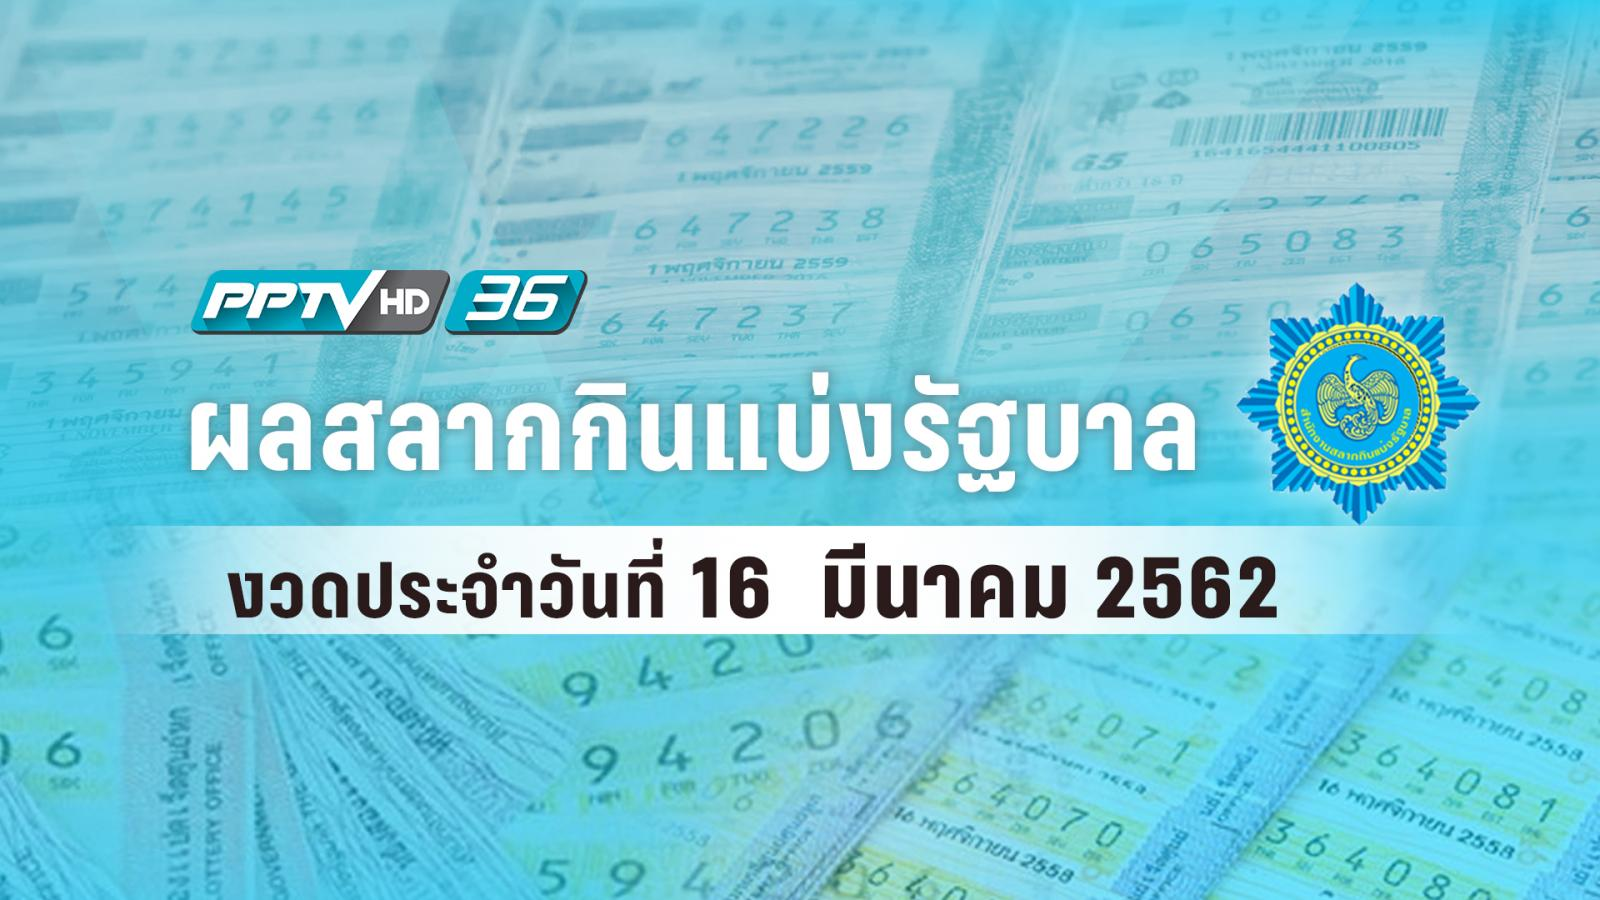 สลากกินแบ่ง-รัฐบาล - ตรวจหวย - ผลสลากกินแบ่งรัฐบาล งวดวันที่ 1 มีนาคม 2564  ... : ตรวจผลสลากกินแบ่งรัฐบาล ตรวจหวย งวดประจำวันที่ 1 กุมภาพันธ์ 2564  รางวัลที่ 1 รางวัลละ 6,000,000 บาท